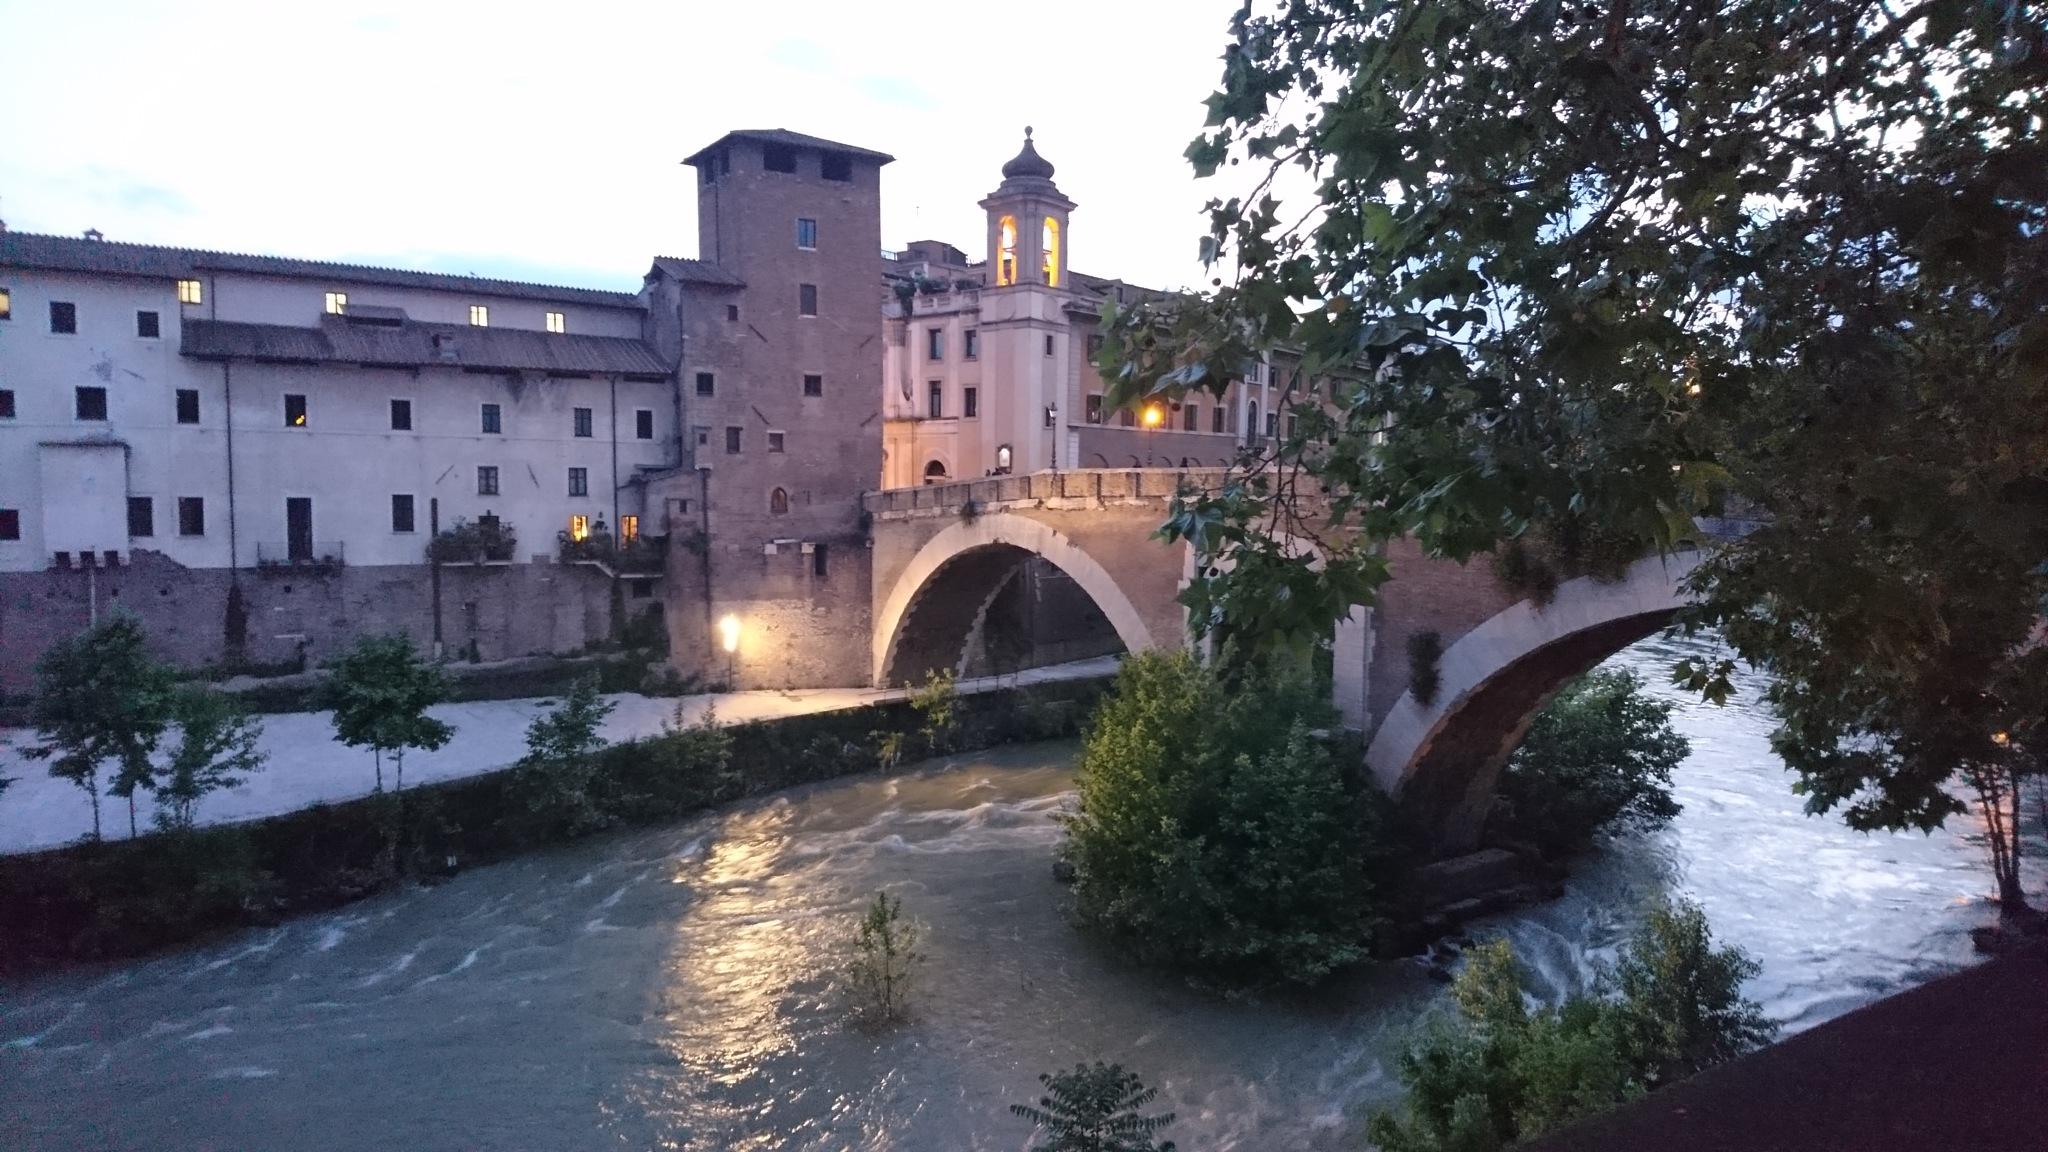 Ponte dei Quattro Capi by rositaburgoa